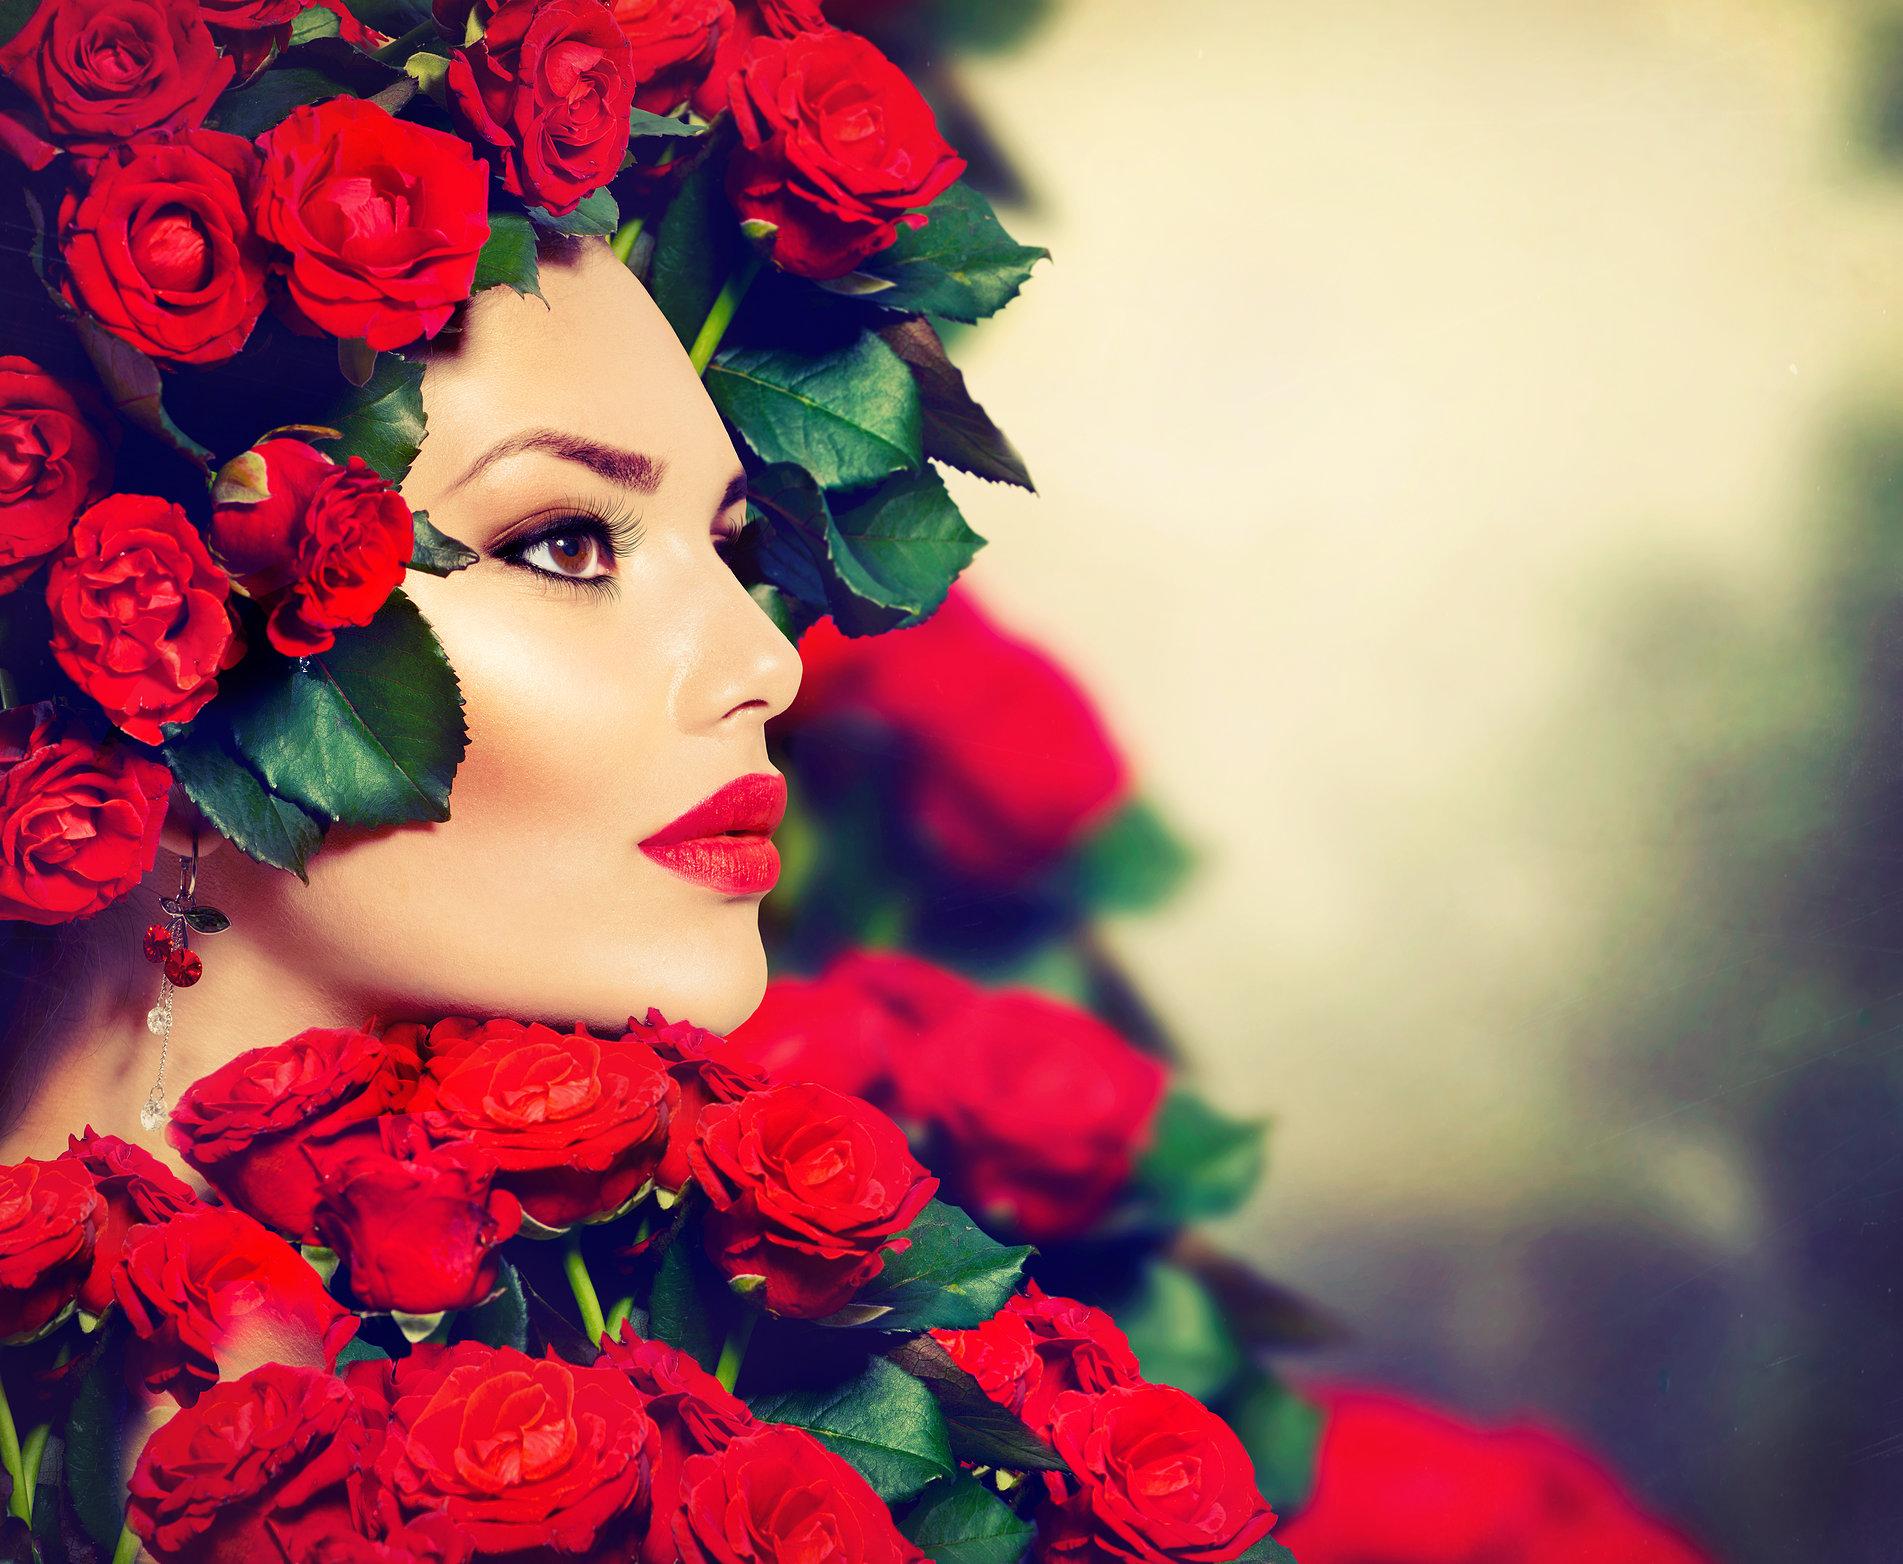 Фото Лицо девушки в оружении красных роз